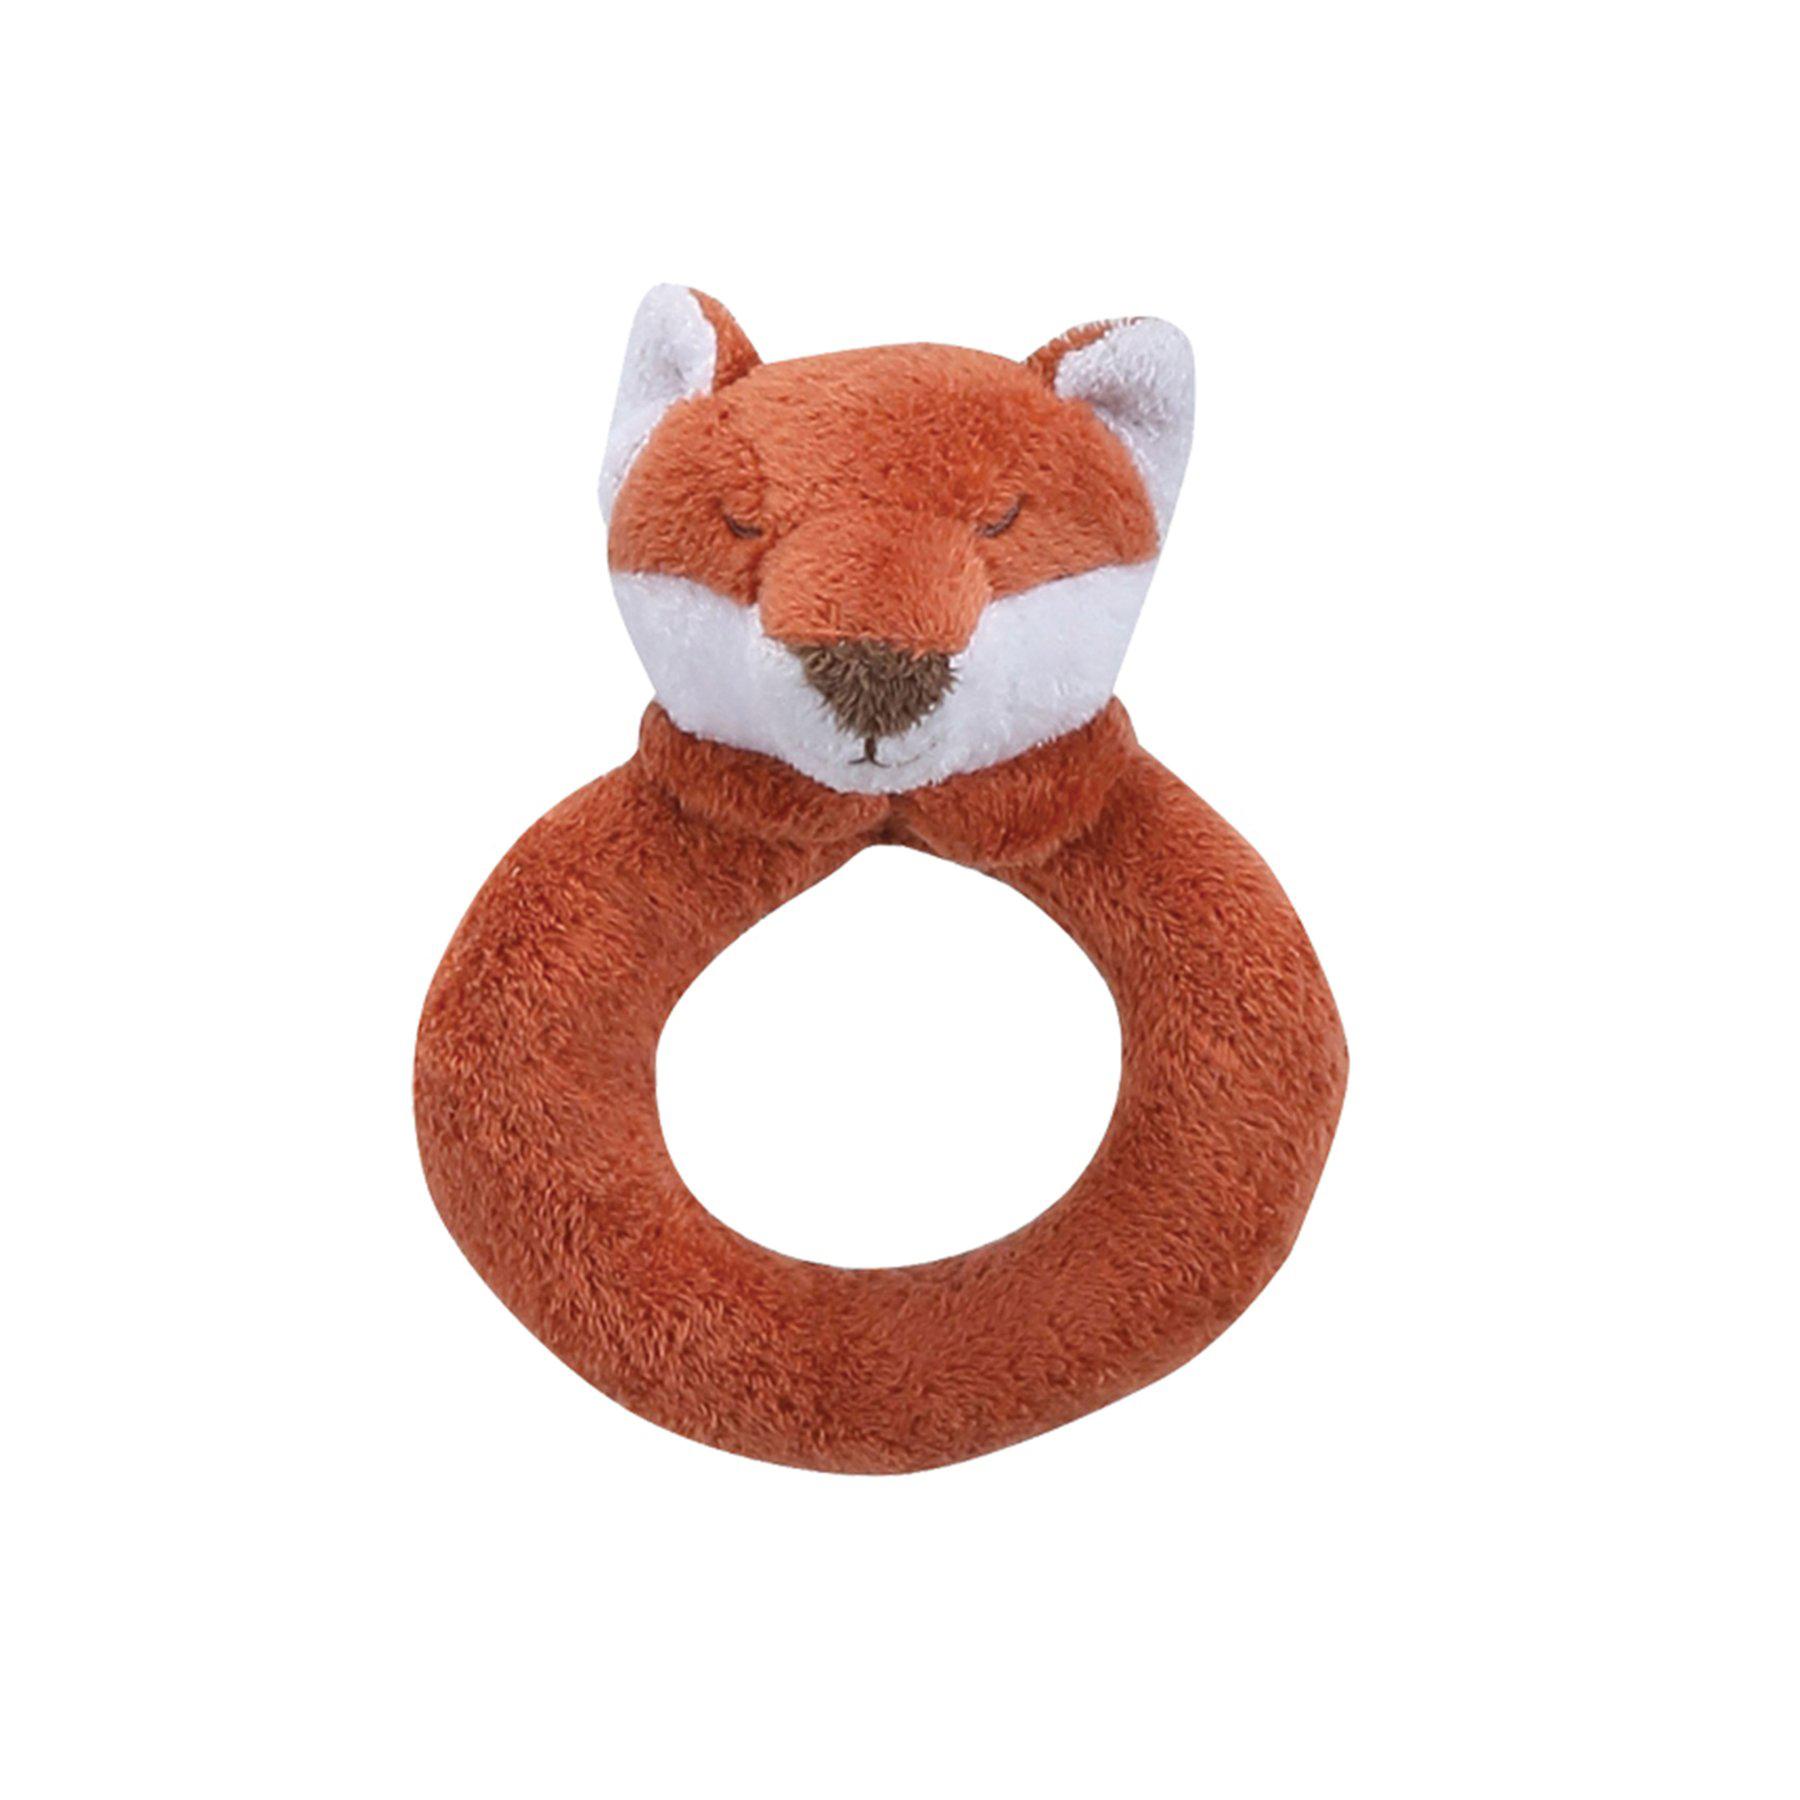 Fox ring rattle by Angel Dear 1